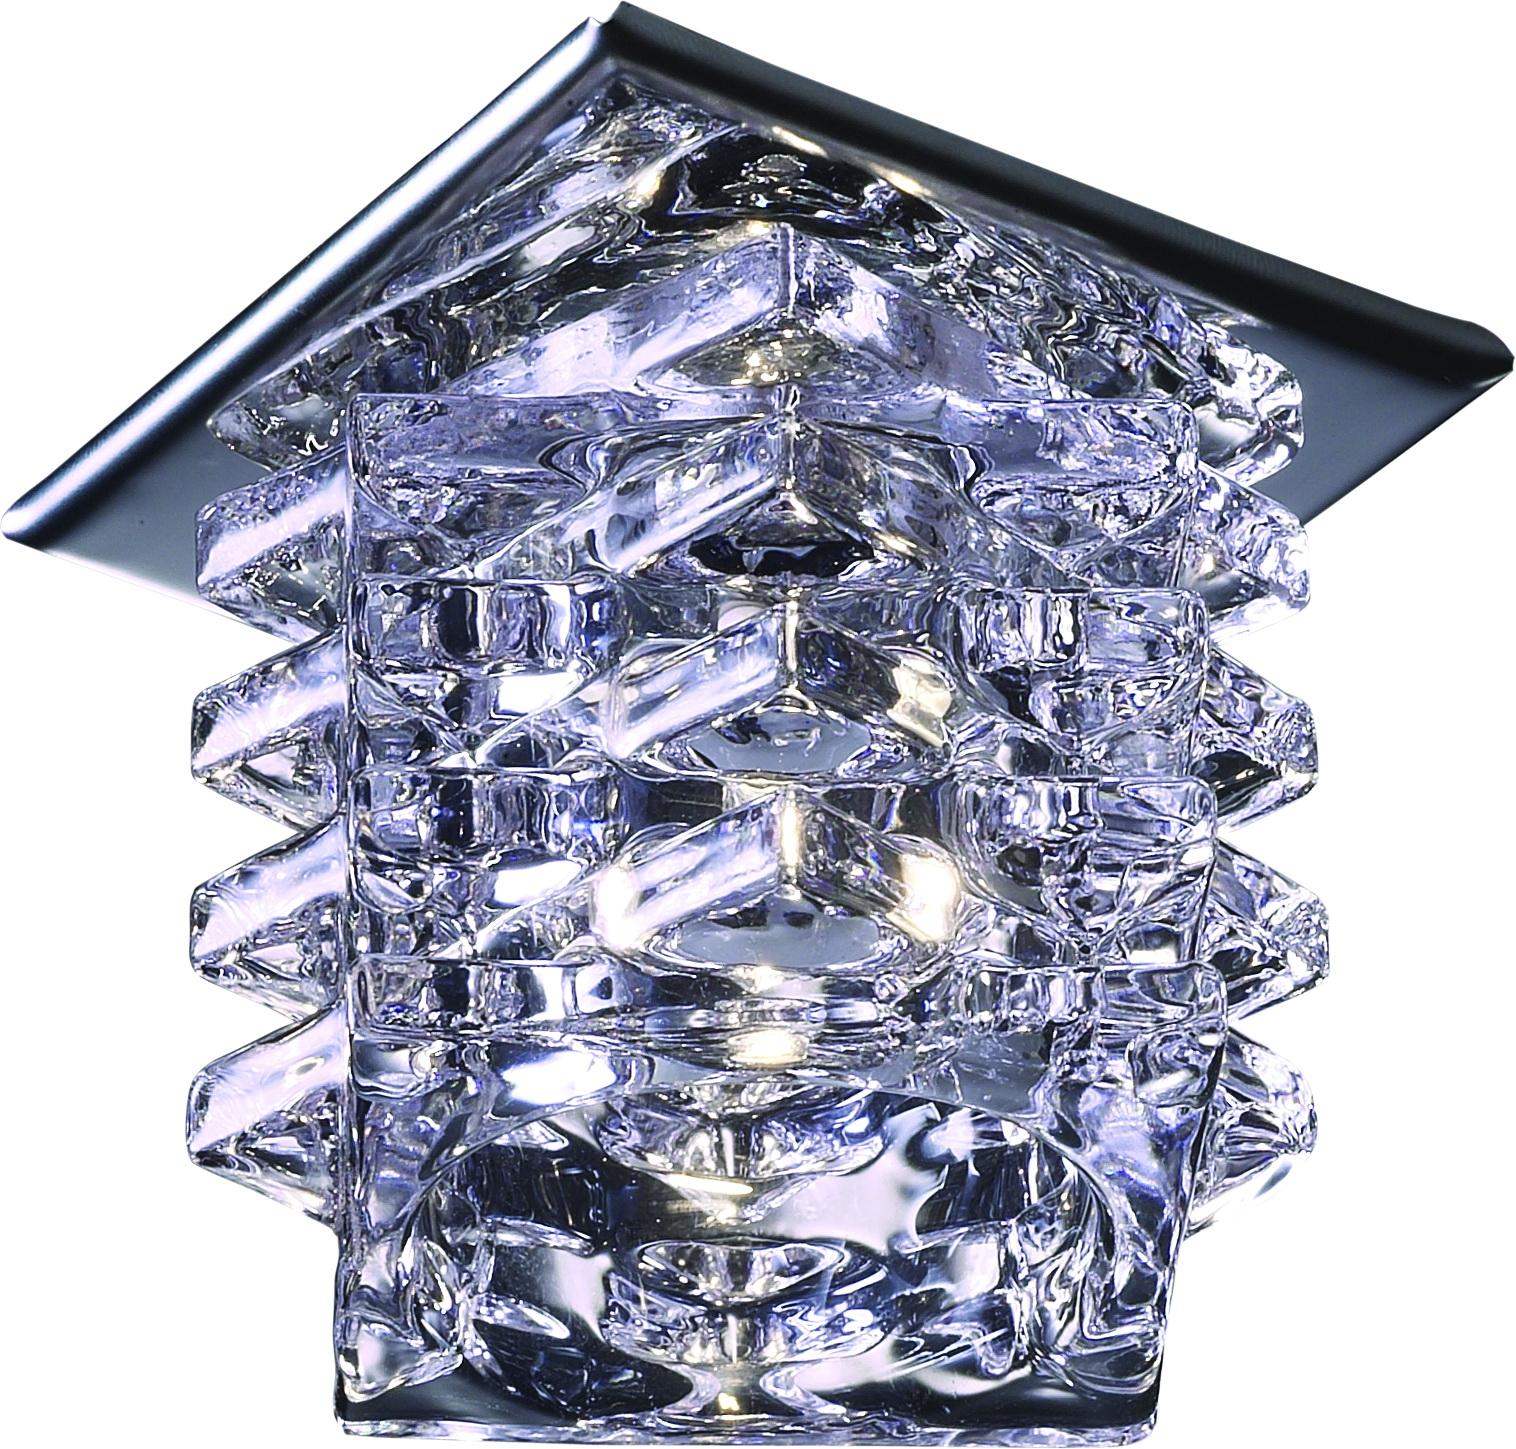 Светильник встраиваемый Novotech Crystal nt09 115 369375 встраиваемый точечный светильник коллекция crystal 369375 хром хрусталь novotech новотех